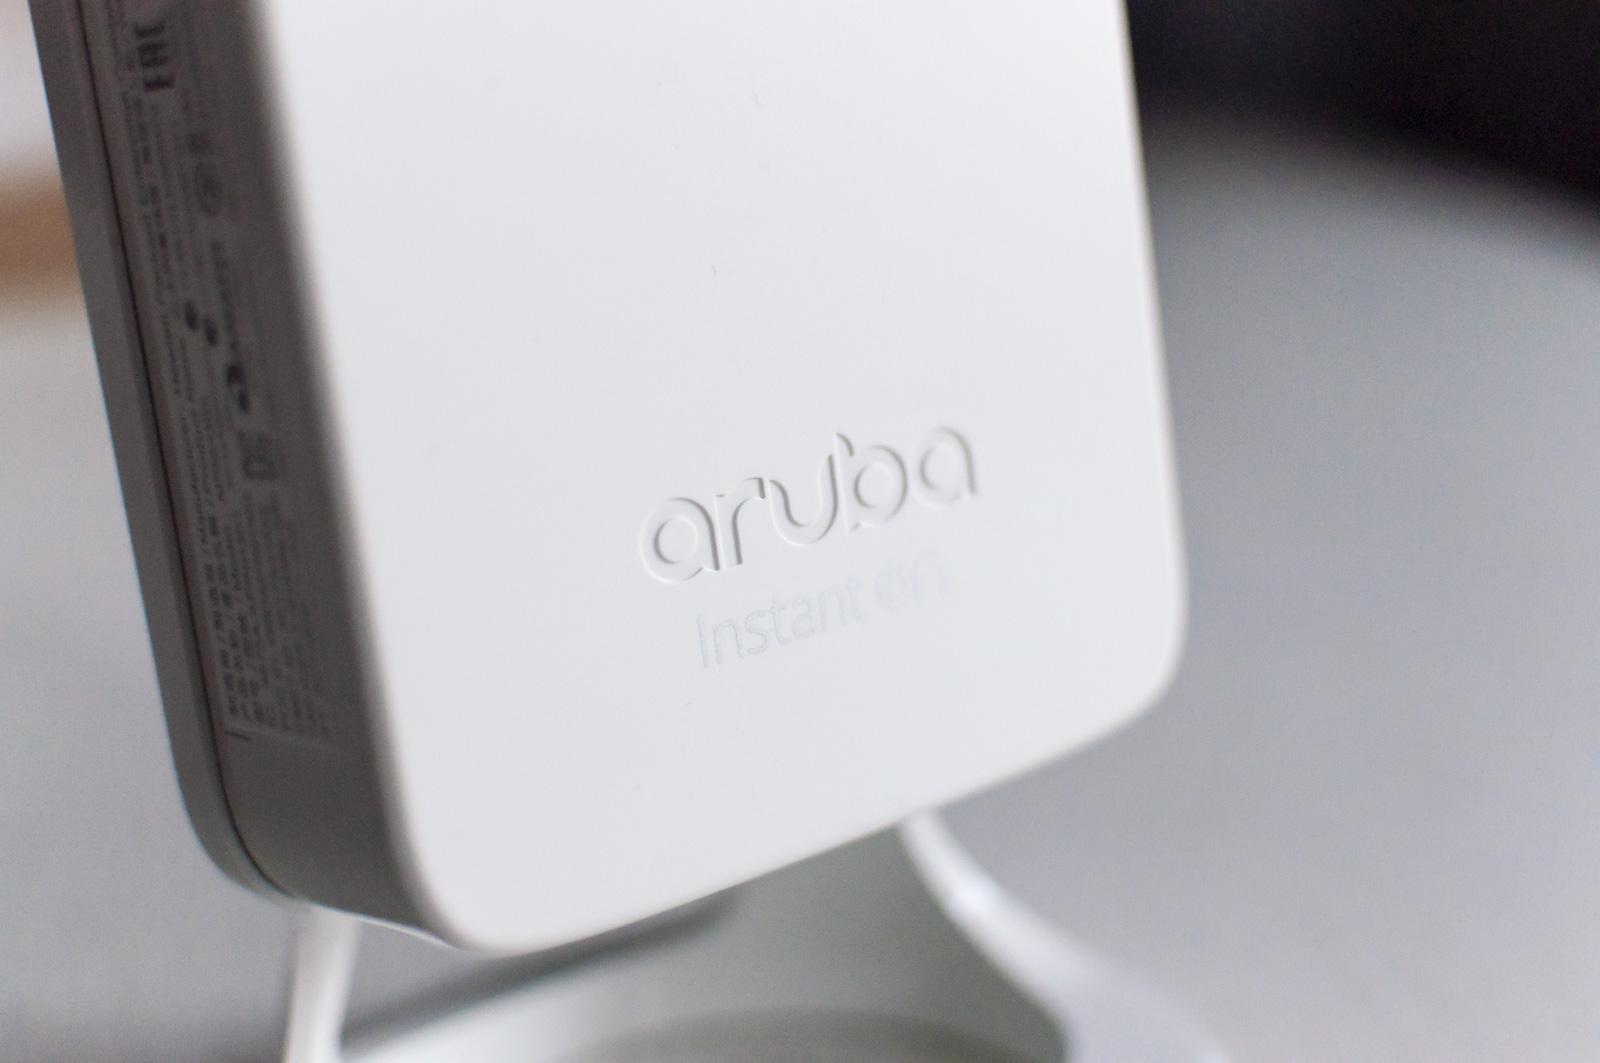 Recensione Aruba Instant On AP11D, un access point per il piccolo ufficio o il negozio